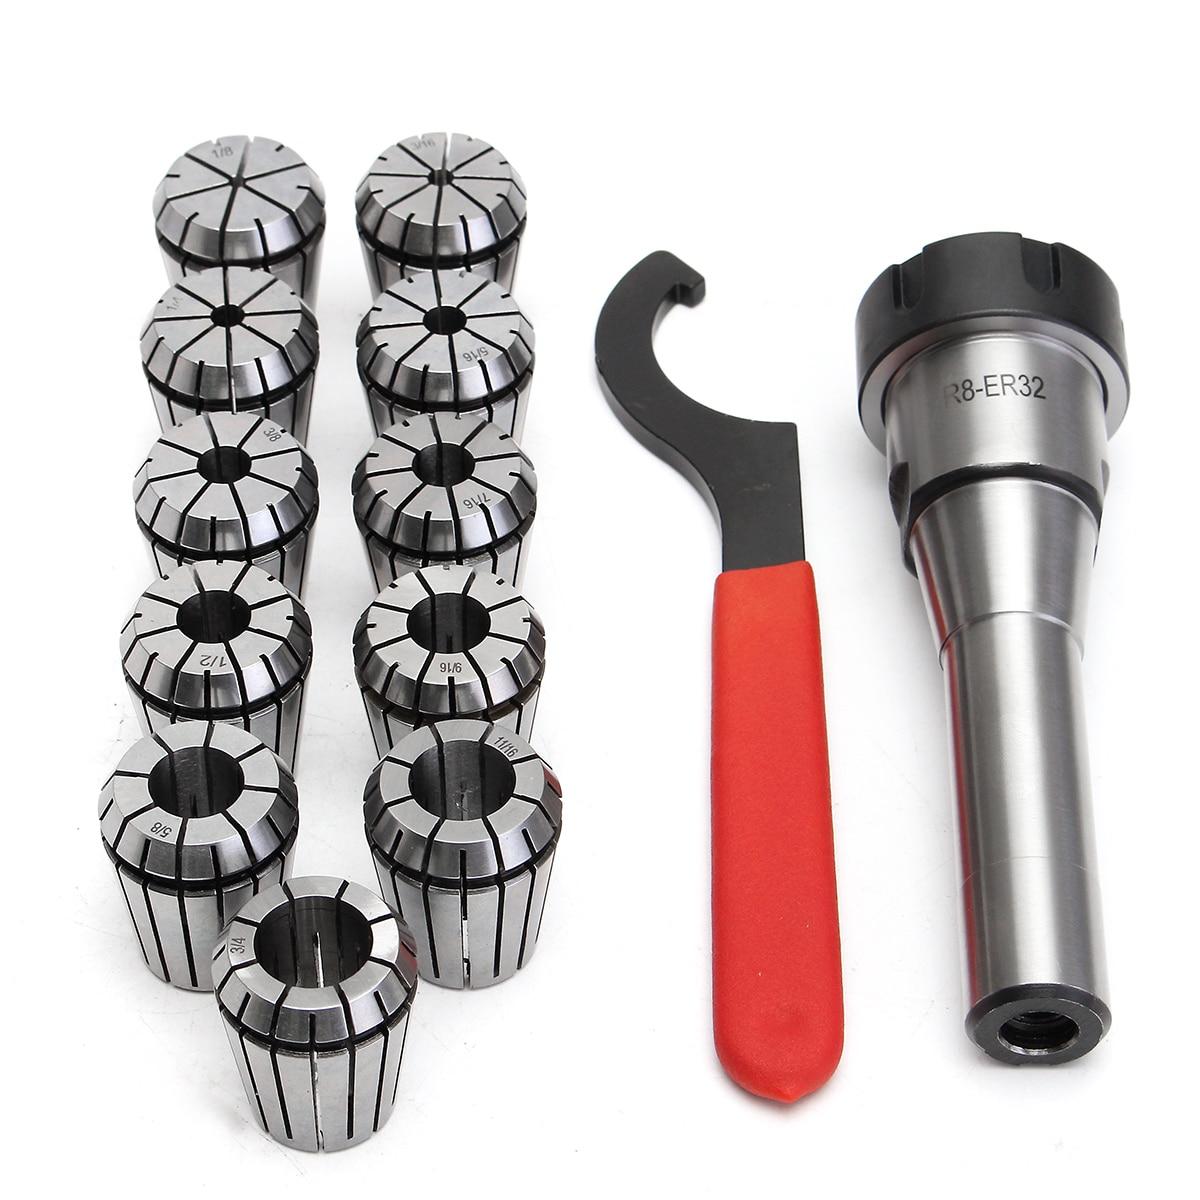 Hot Sale 11pcs ER32 Spring Collet Set 3mm-19mm + R8-ER32 7/16 Collet Chuck + Holder Wrench цена